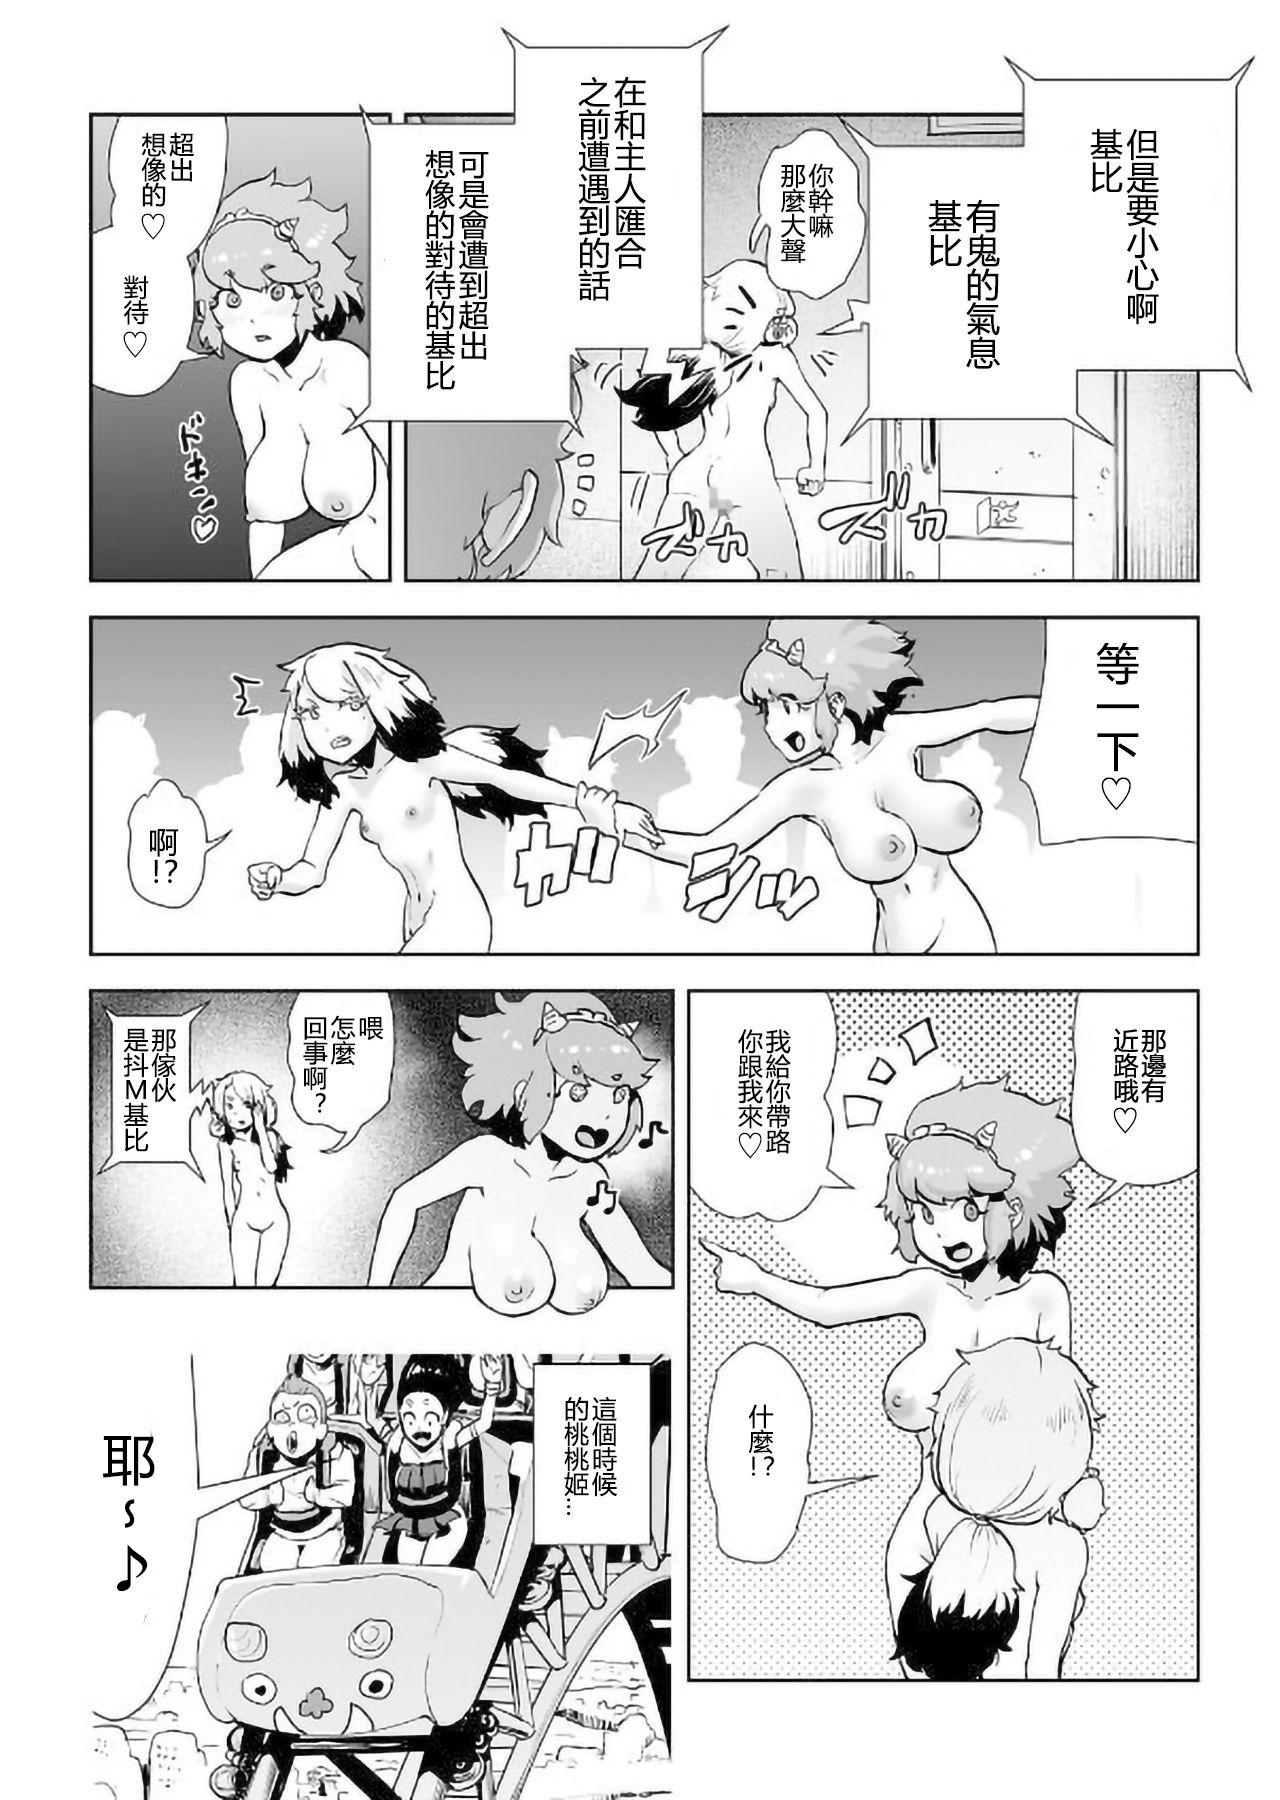 MOMO! Daiyonwa Youkoso Oniland no Maki 16